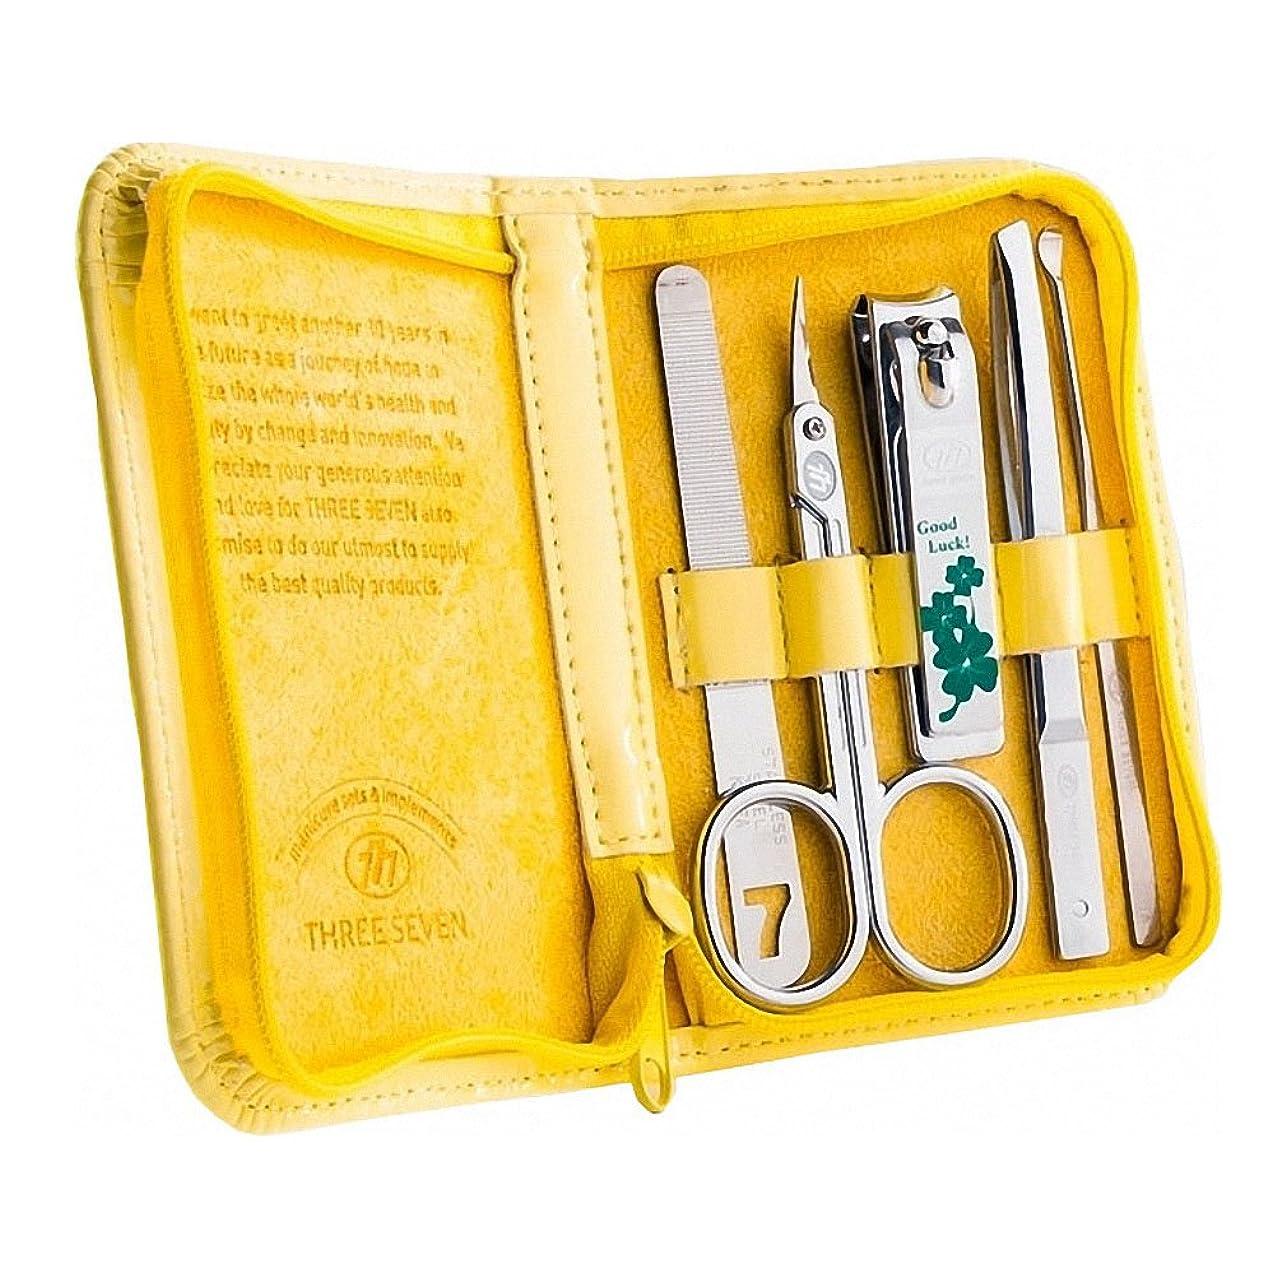 極小振るう船形【 三セブン】THREE SEVEN TS-05C Manicure Set 三セブンTS-05Cマニキュアセット (1.Crome_Yellow) [並行輸入品]